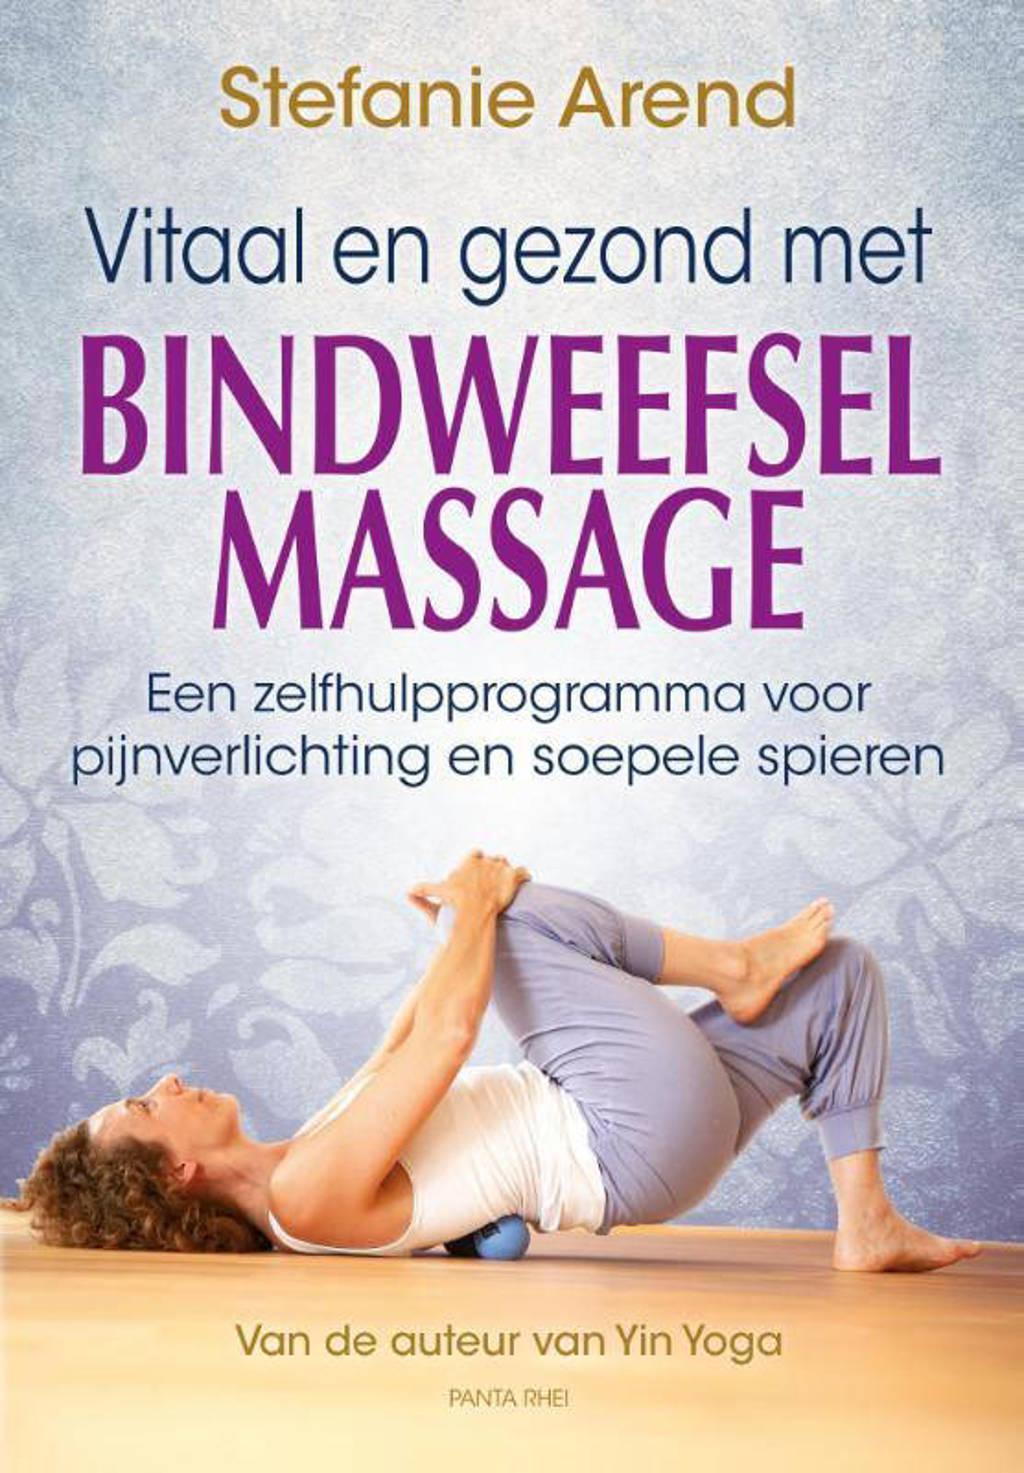 Vitaal en gezond met bindweefselmassage - Stefanie Arend